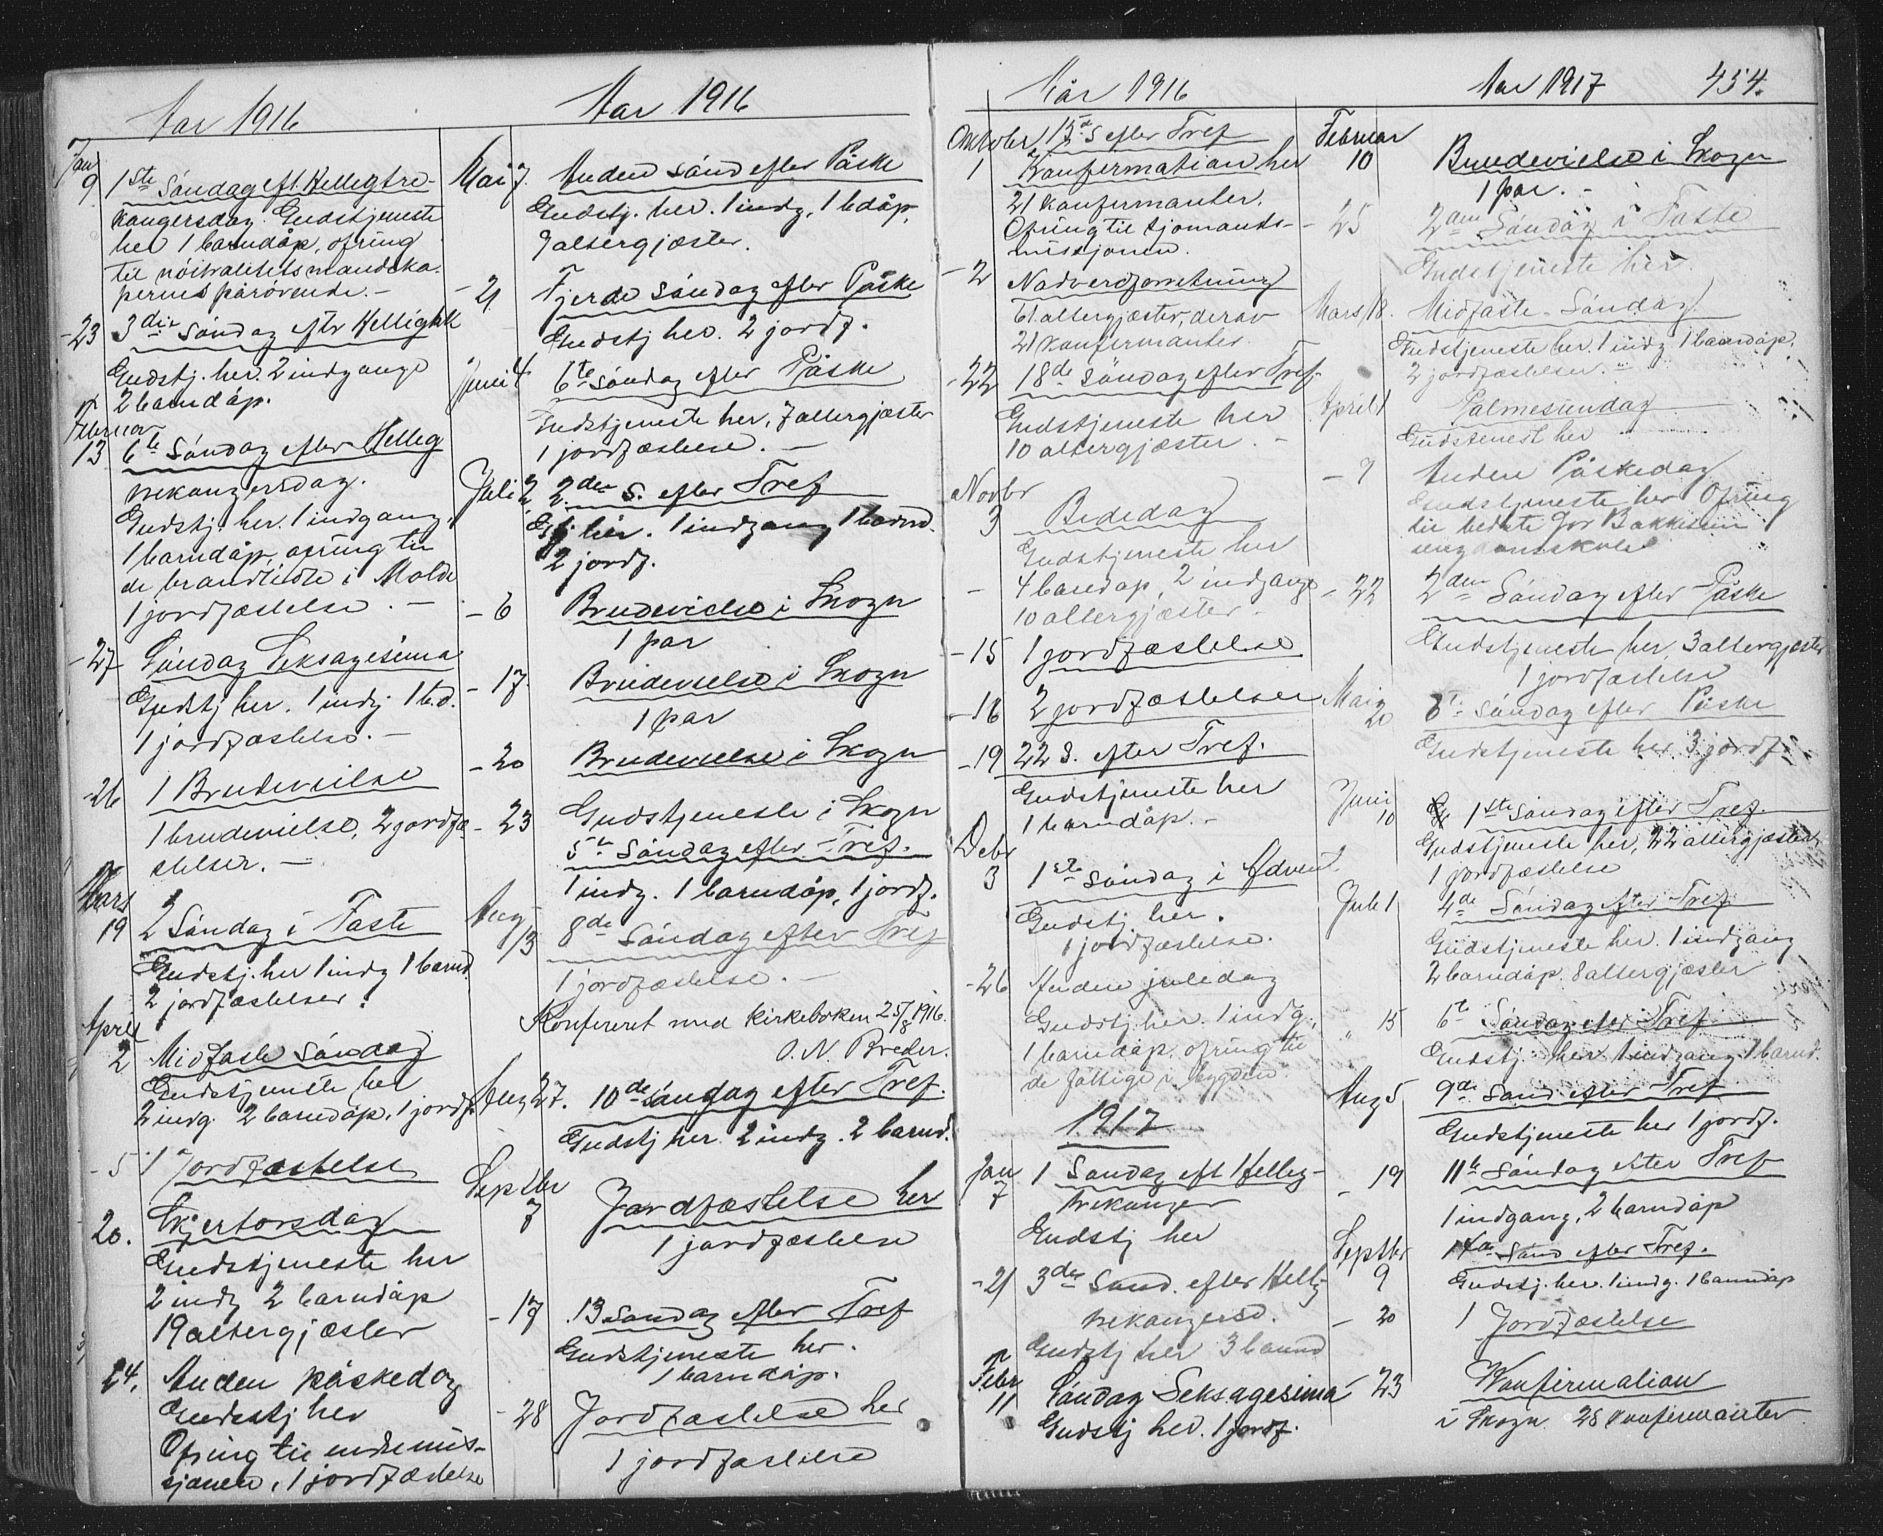 SAT, Ministerialprotokoller, klokkerbøker og fødselsregistre - Sør-Trøndelag, 667/L0798: Klokkerbok nr. 667C03, 1867-1929, s. 454